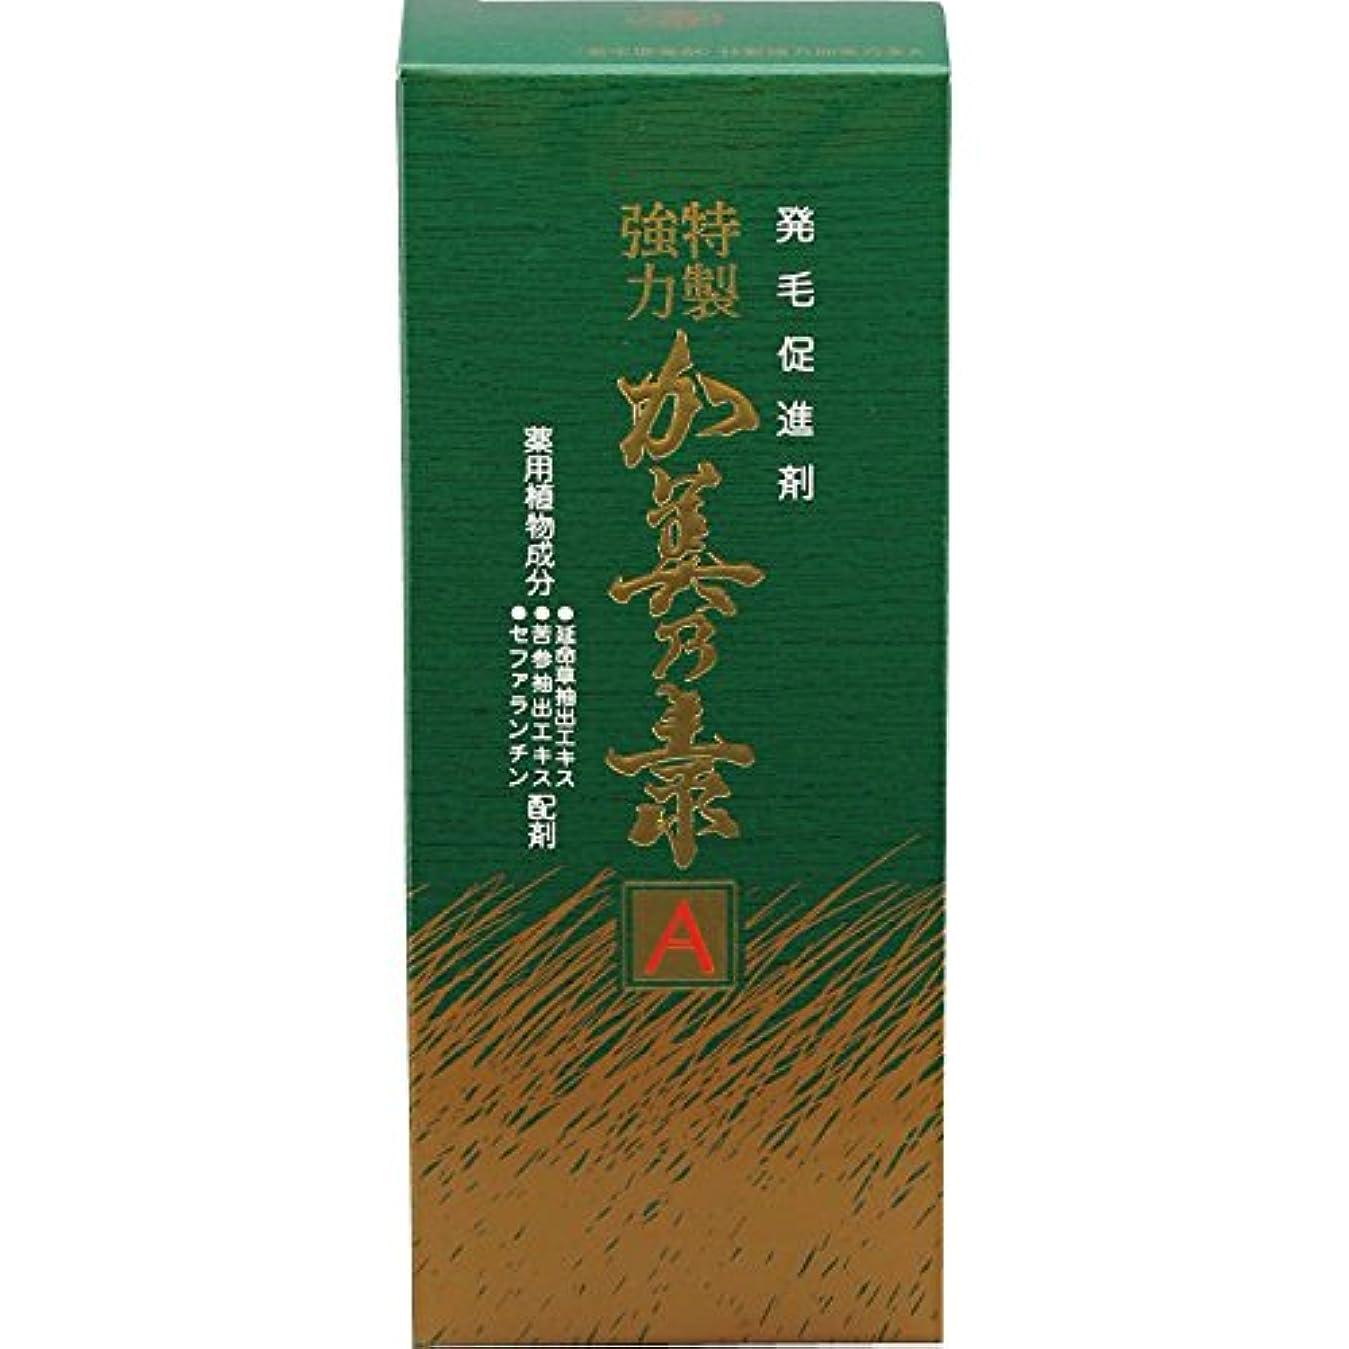 面疑い変形する特製強力加美乃素A フレッシュシトラスの香り 180mL 【医薬部外品】